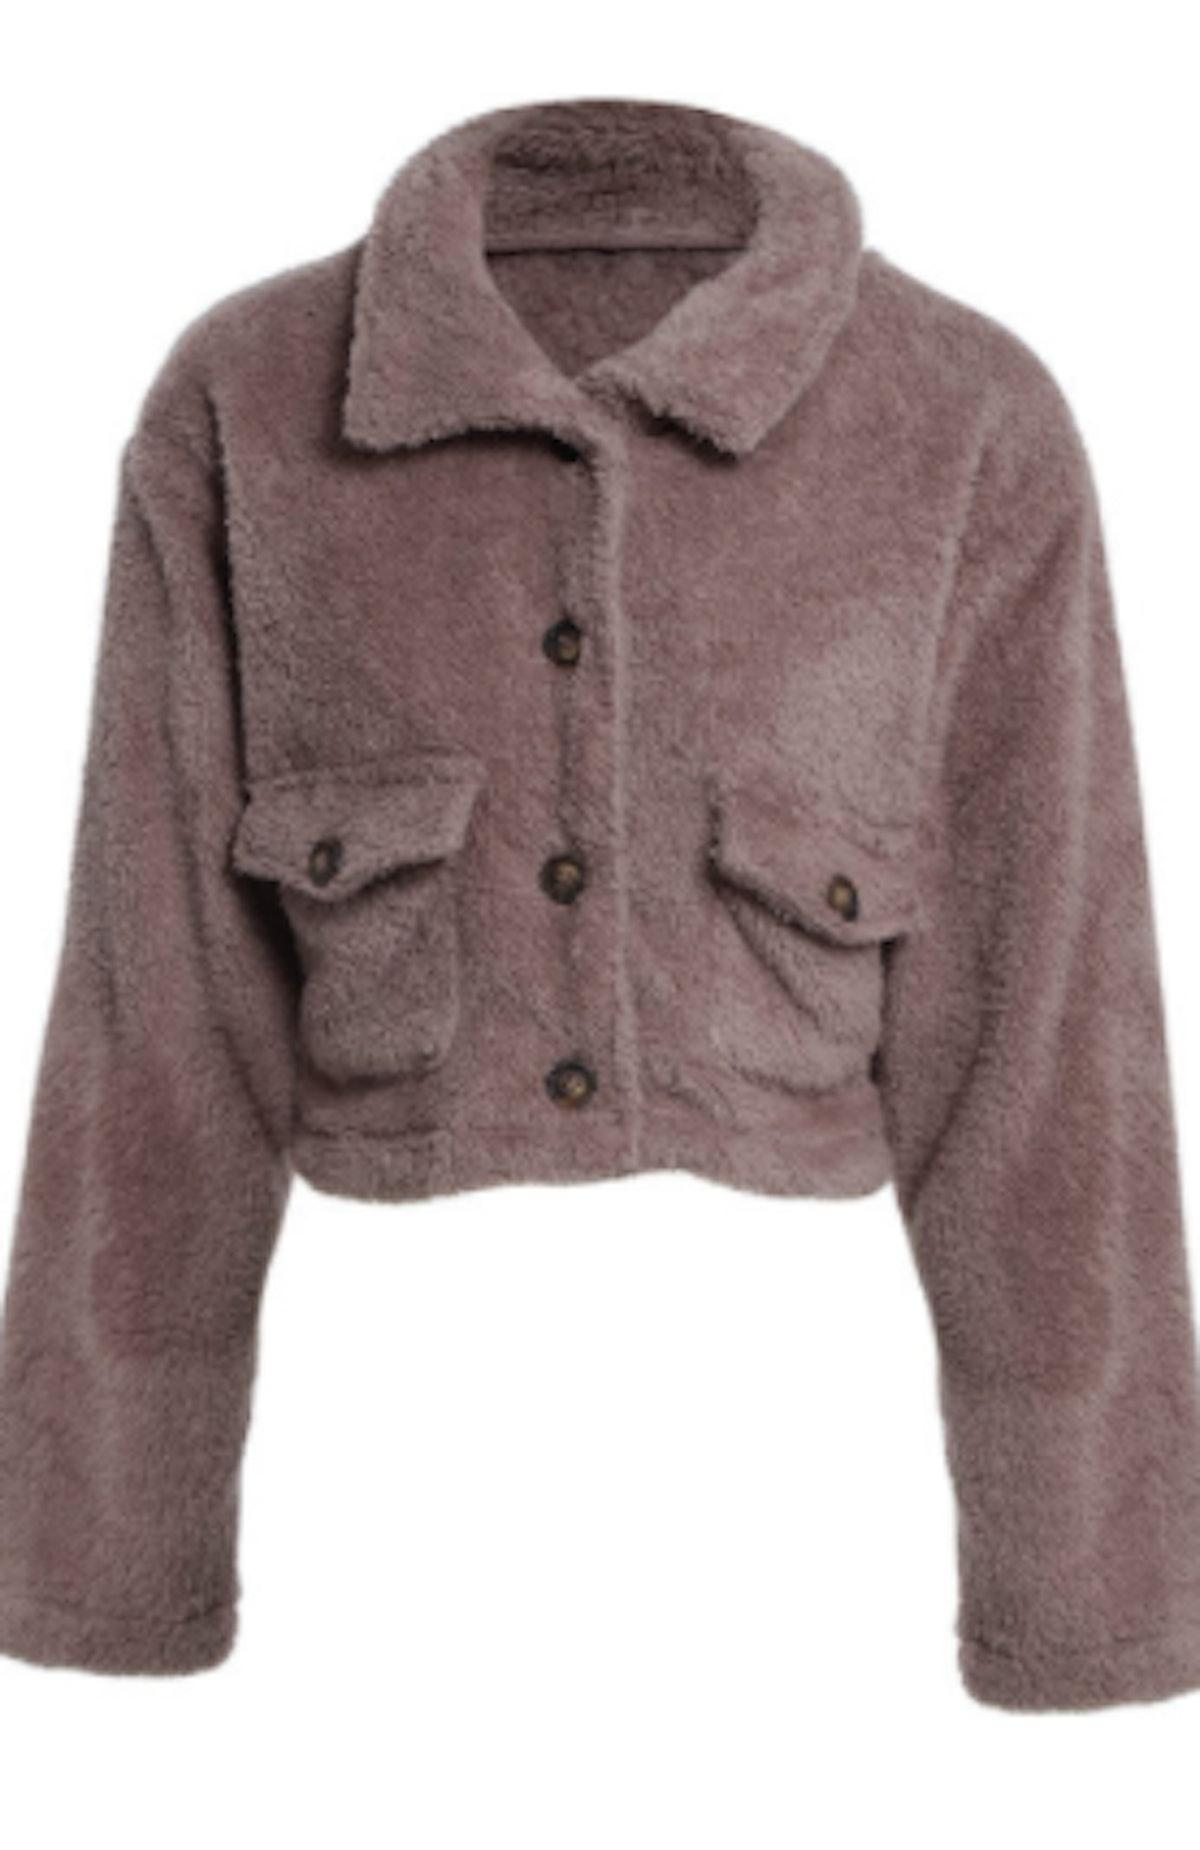 Heartbeat Dusty Pink Teddy Jacket